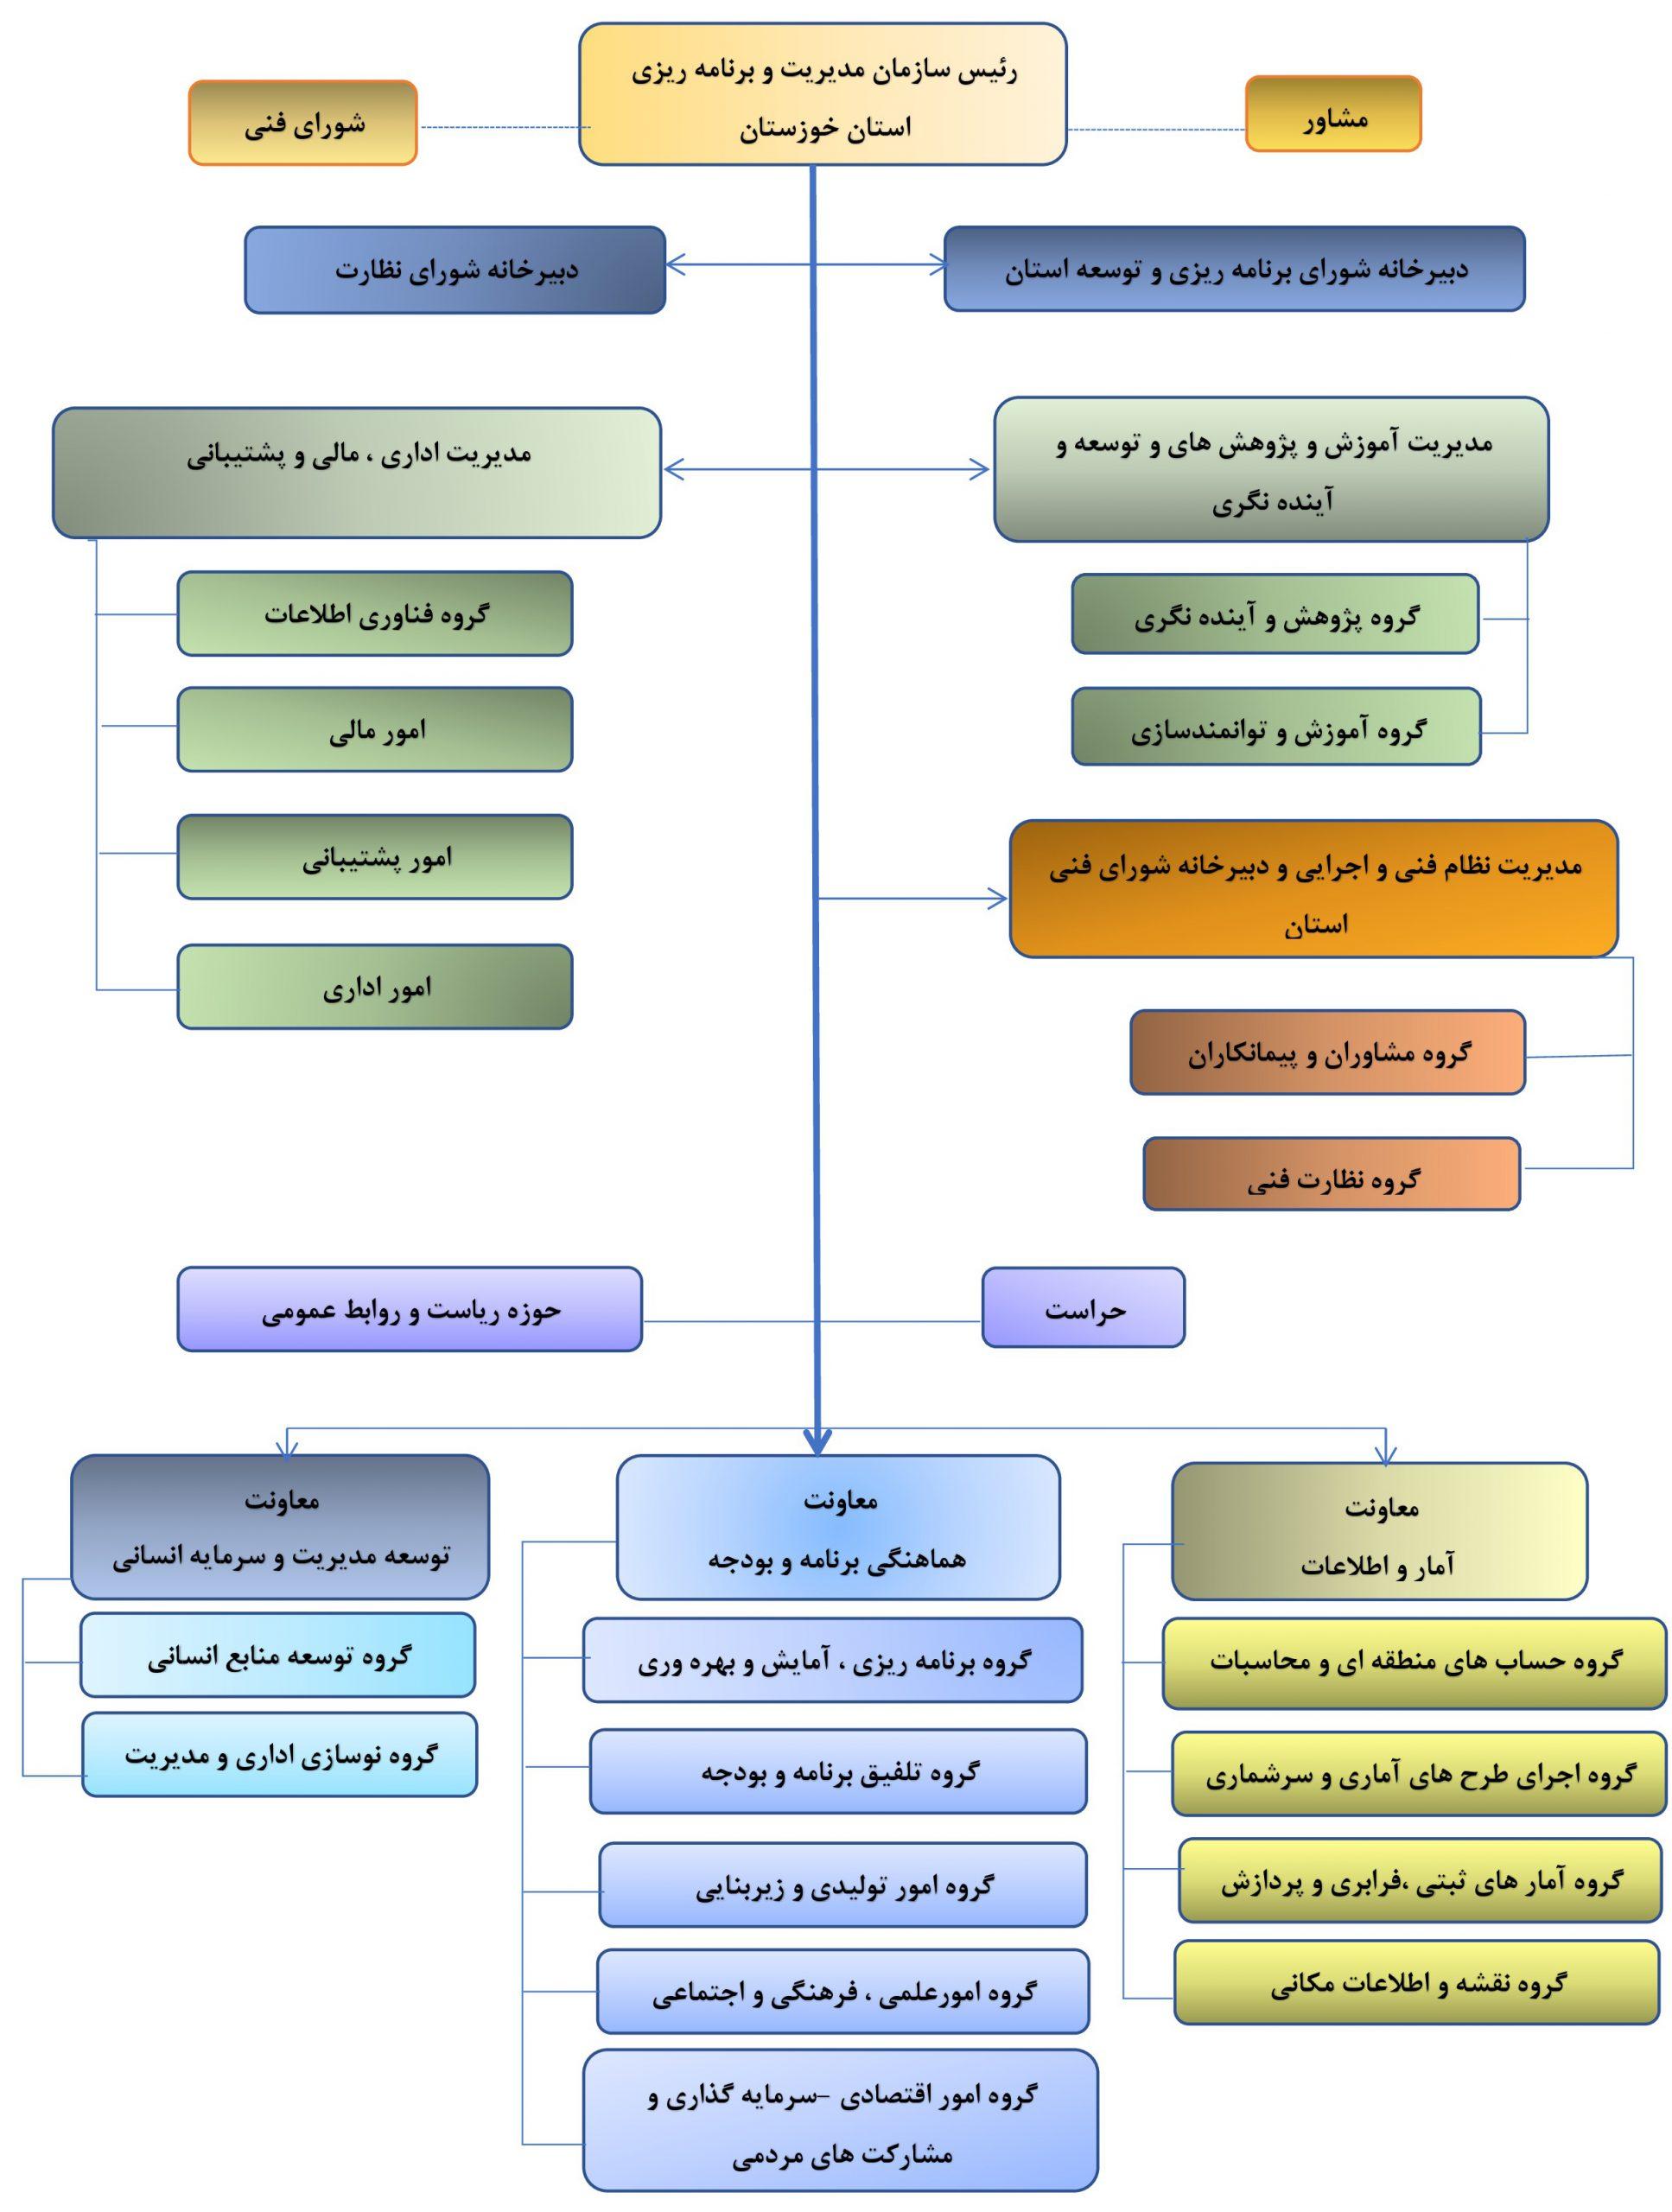 نمودار تشکیلاتی سازمان